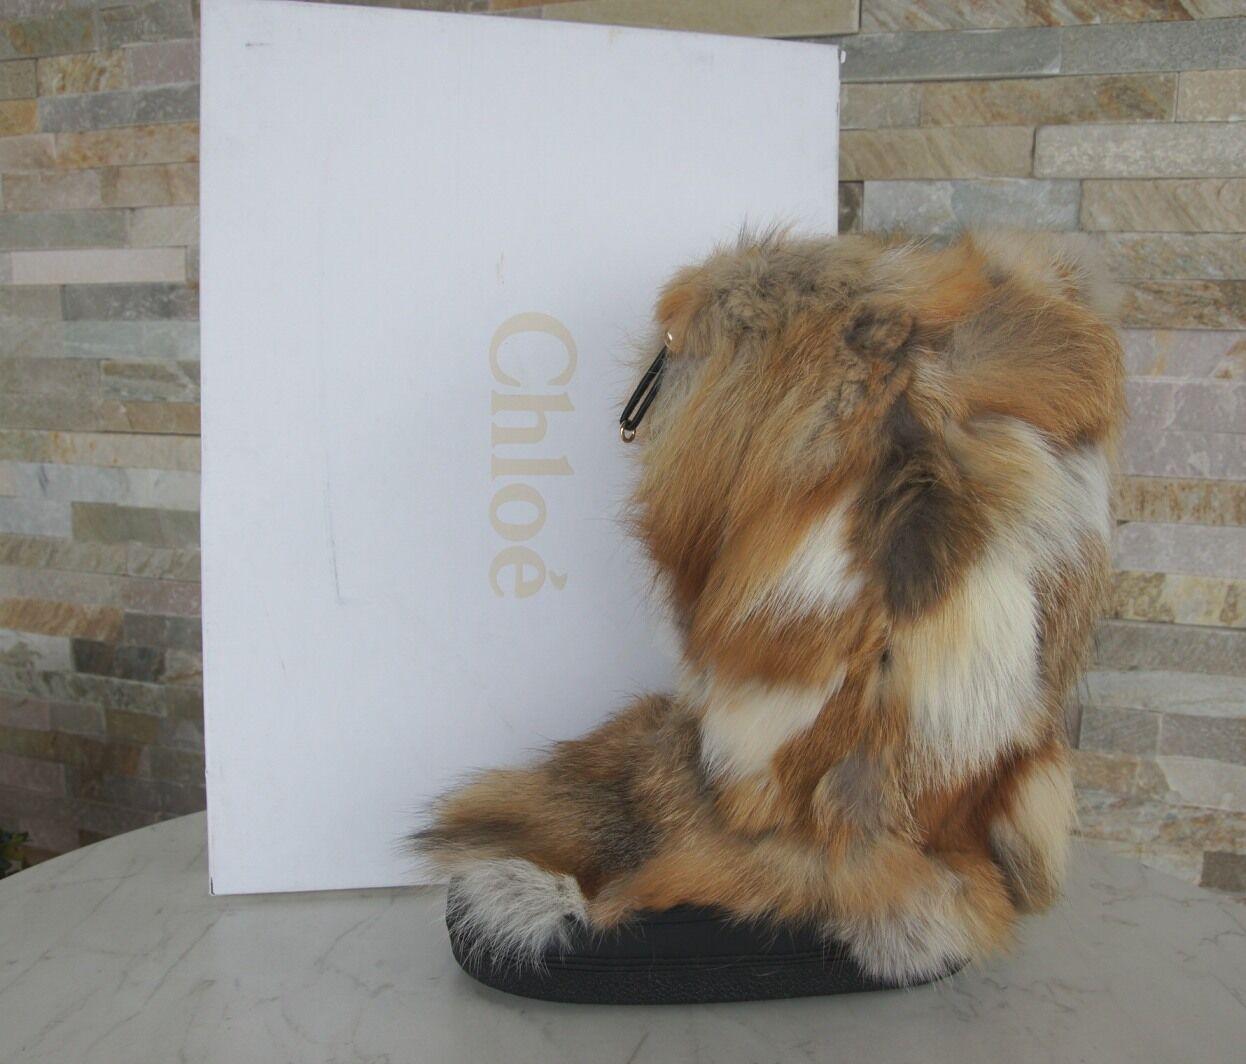 Chloé Chloe 41 42 43 fell Bobcat botas de invierno Zapatos nuevo ex PVP